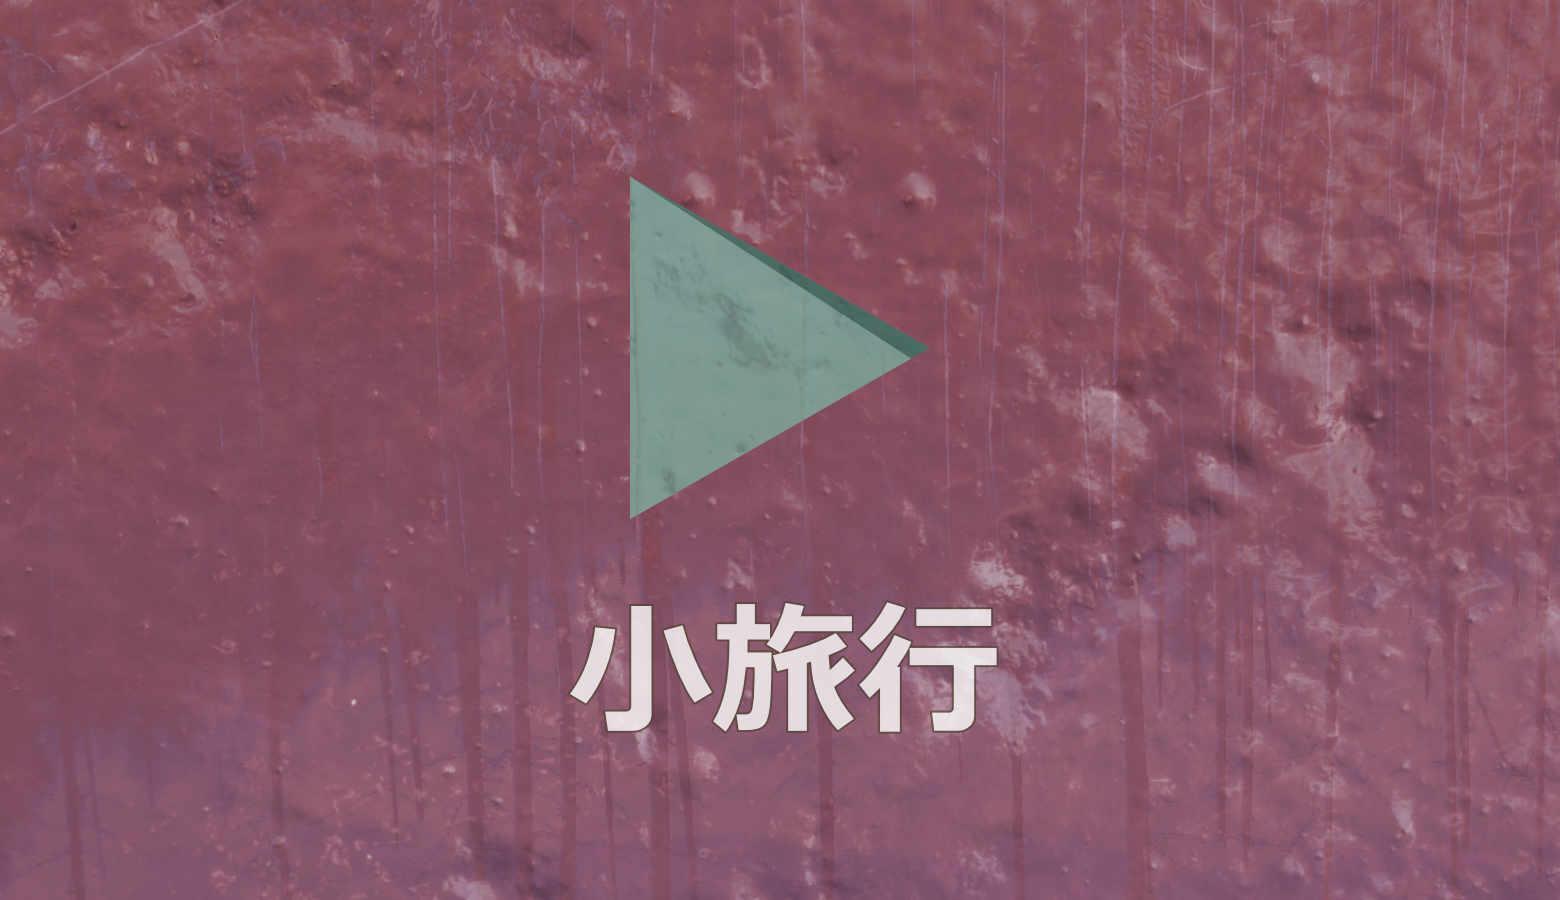 おすすめ!YouTubeで見る国内小旅行スポット5選【YouTube】